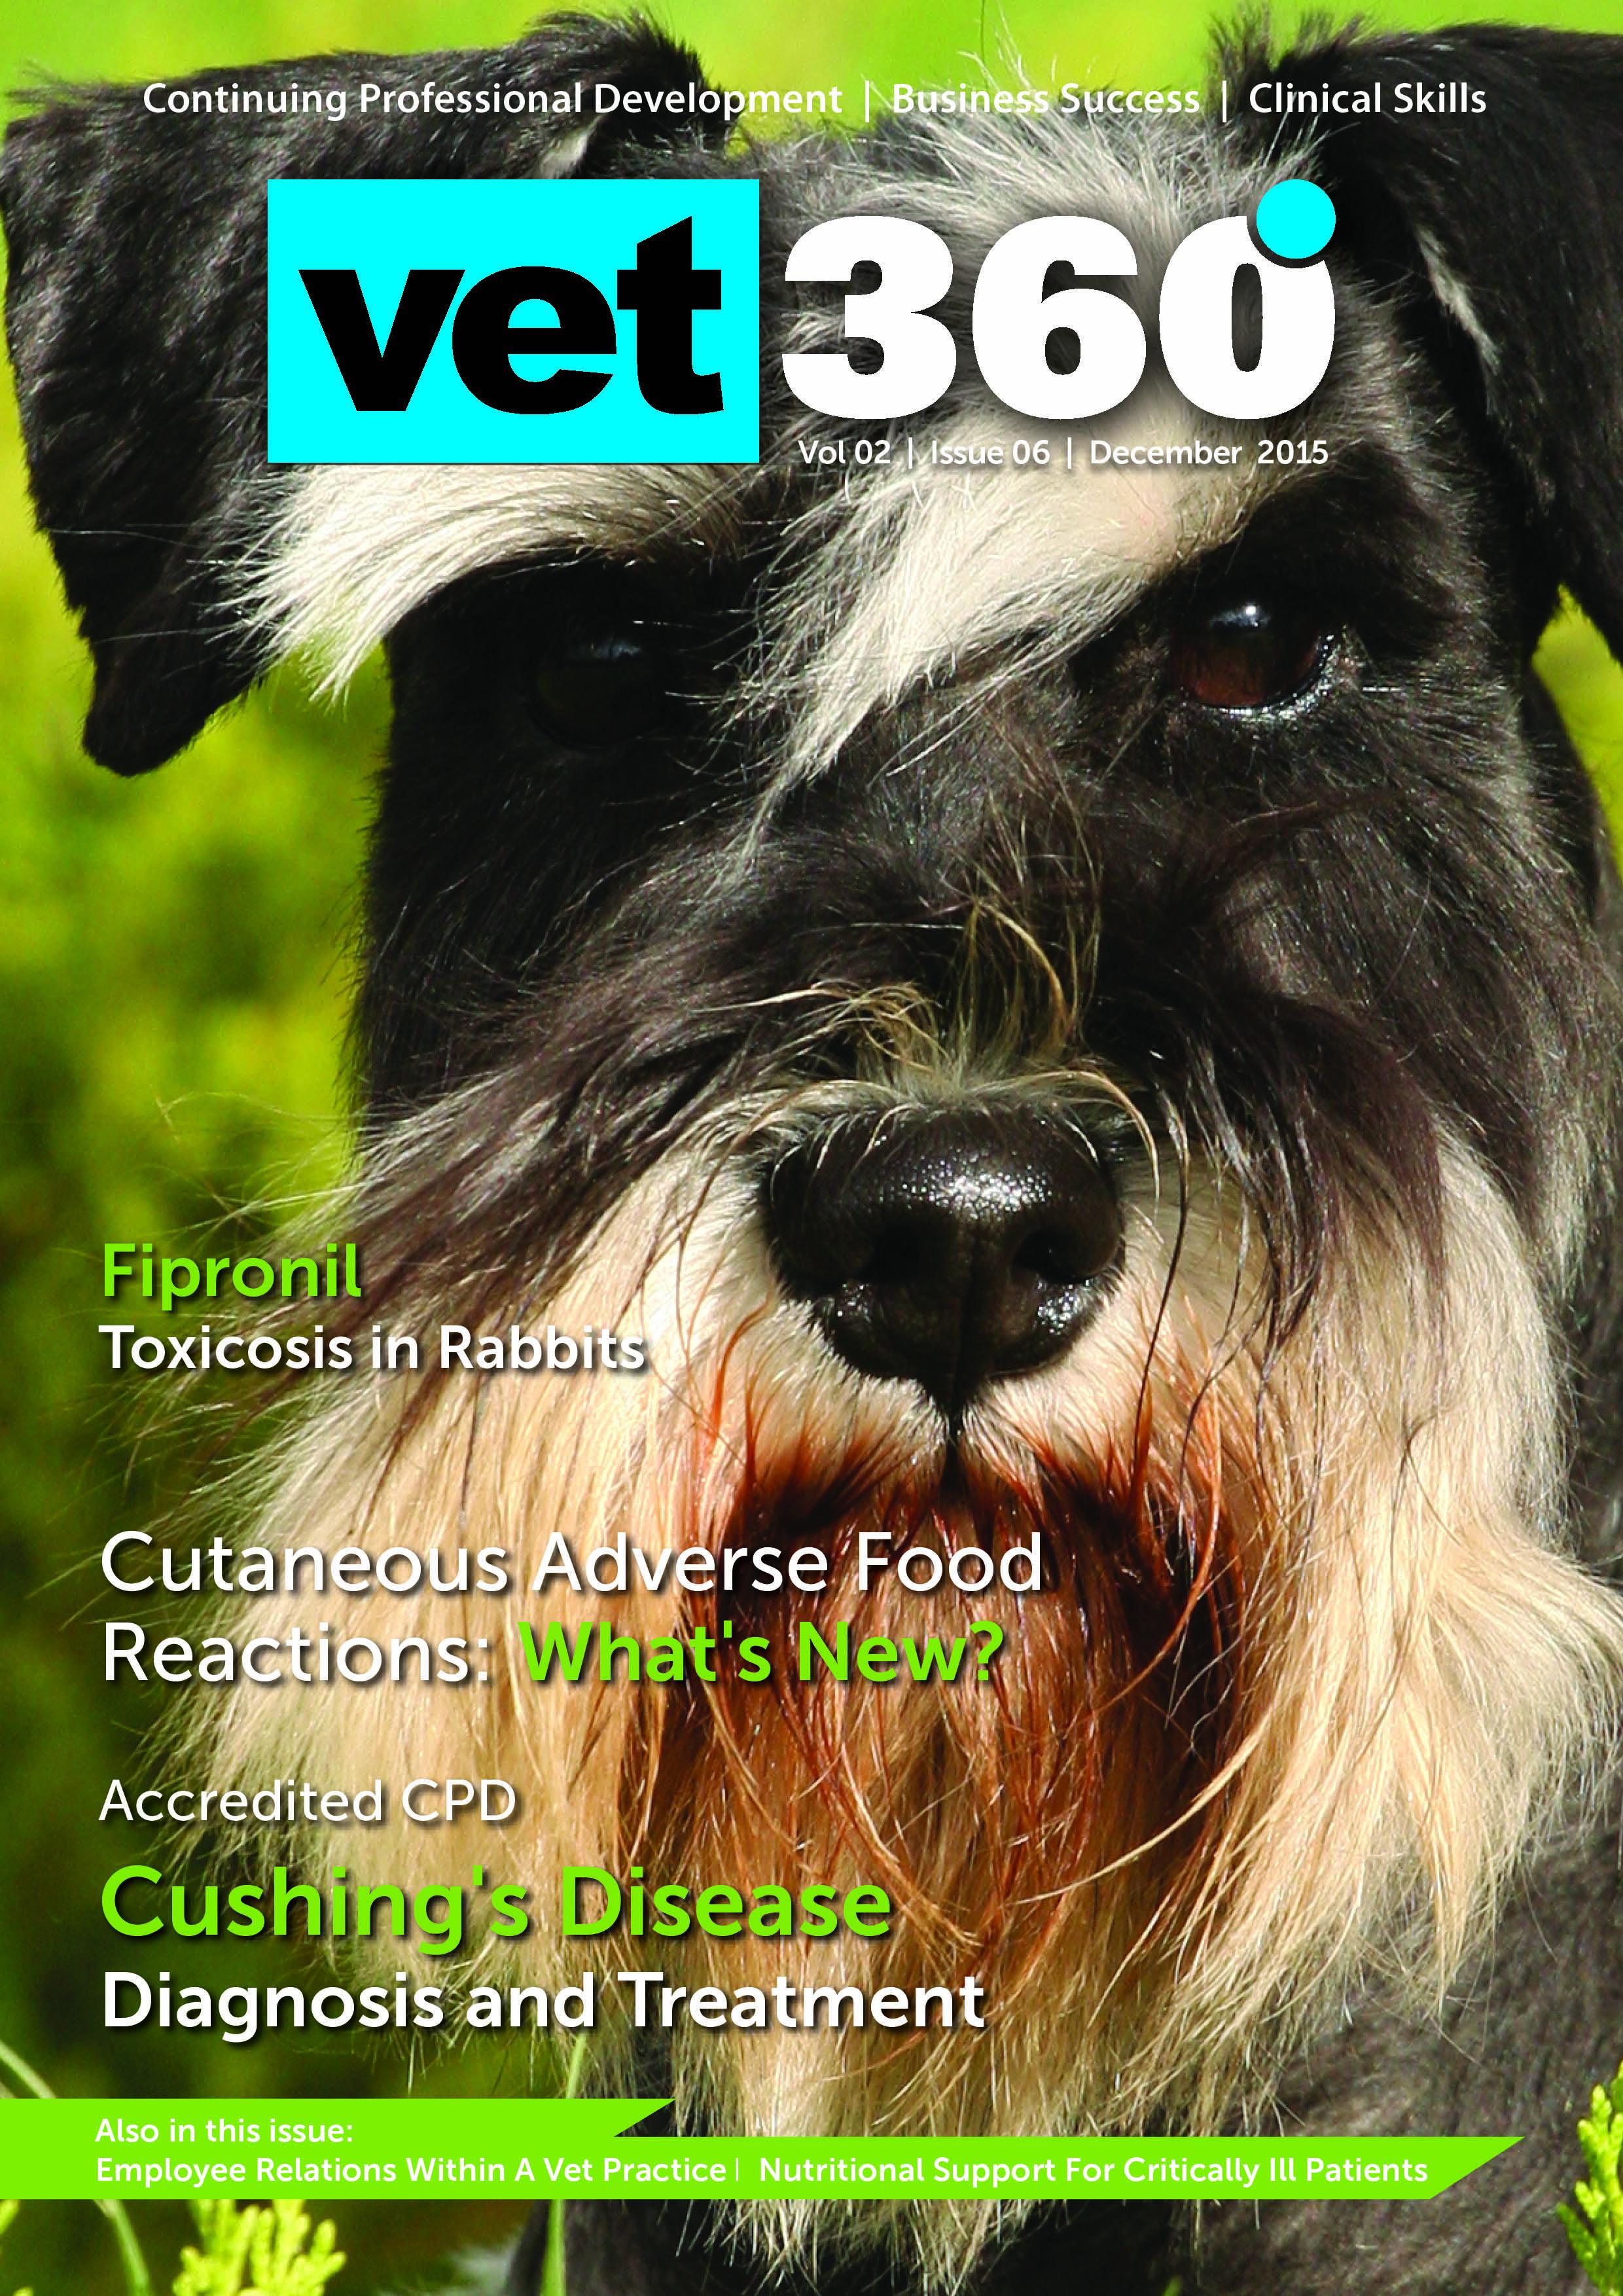 Vet360 November vol 2 Issue 6